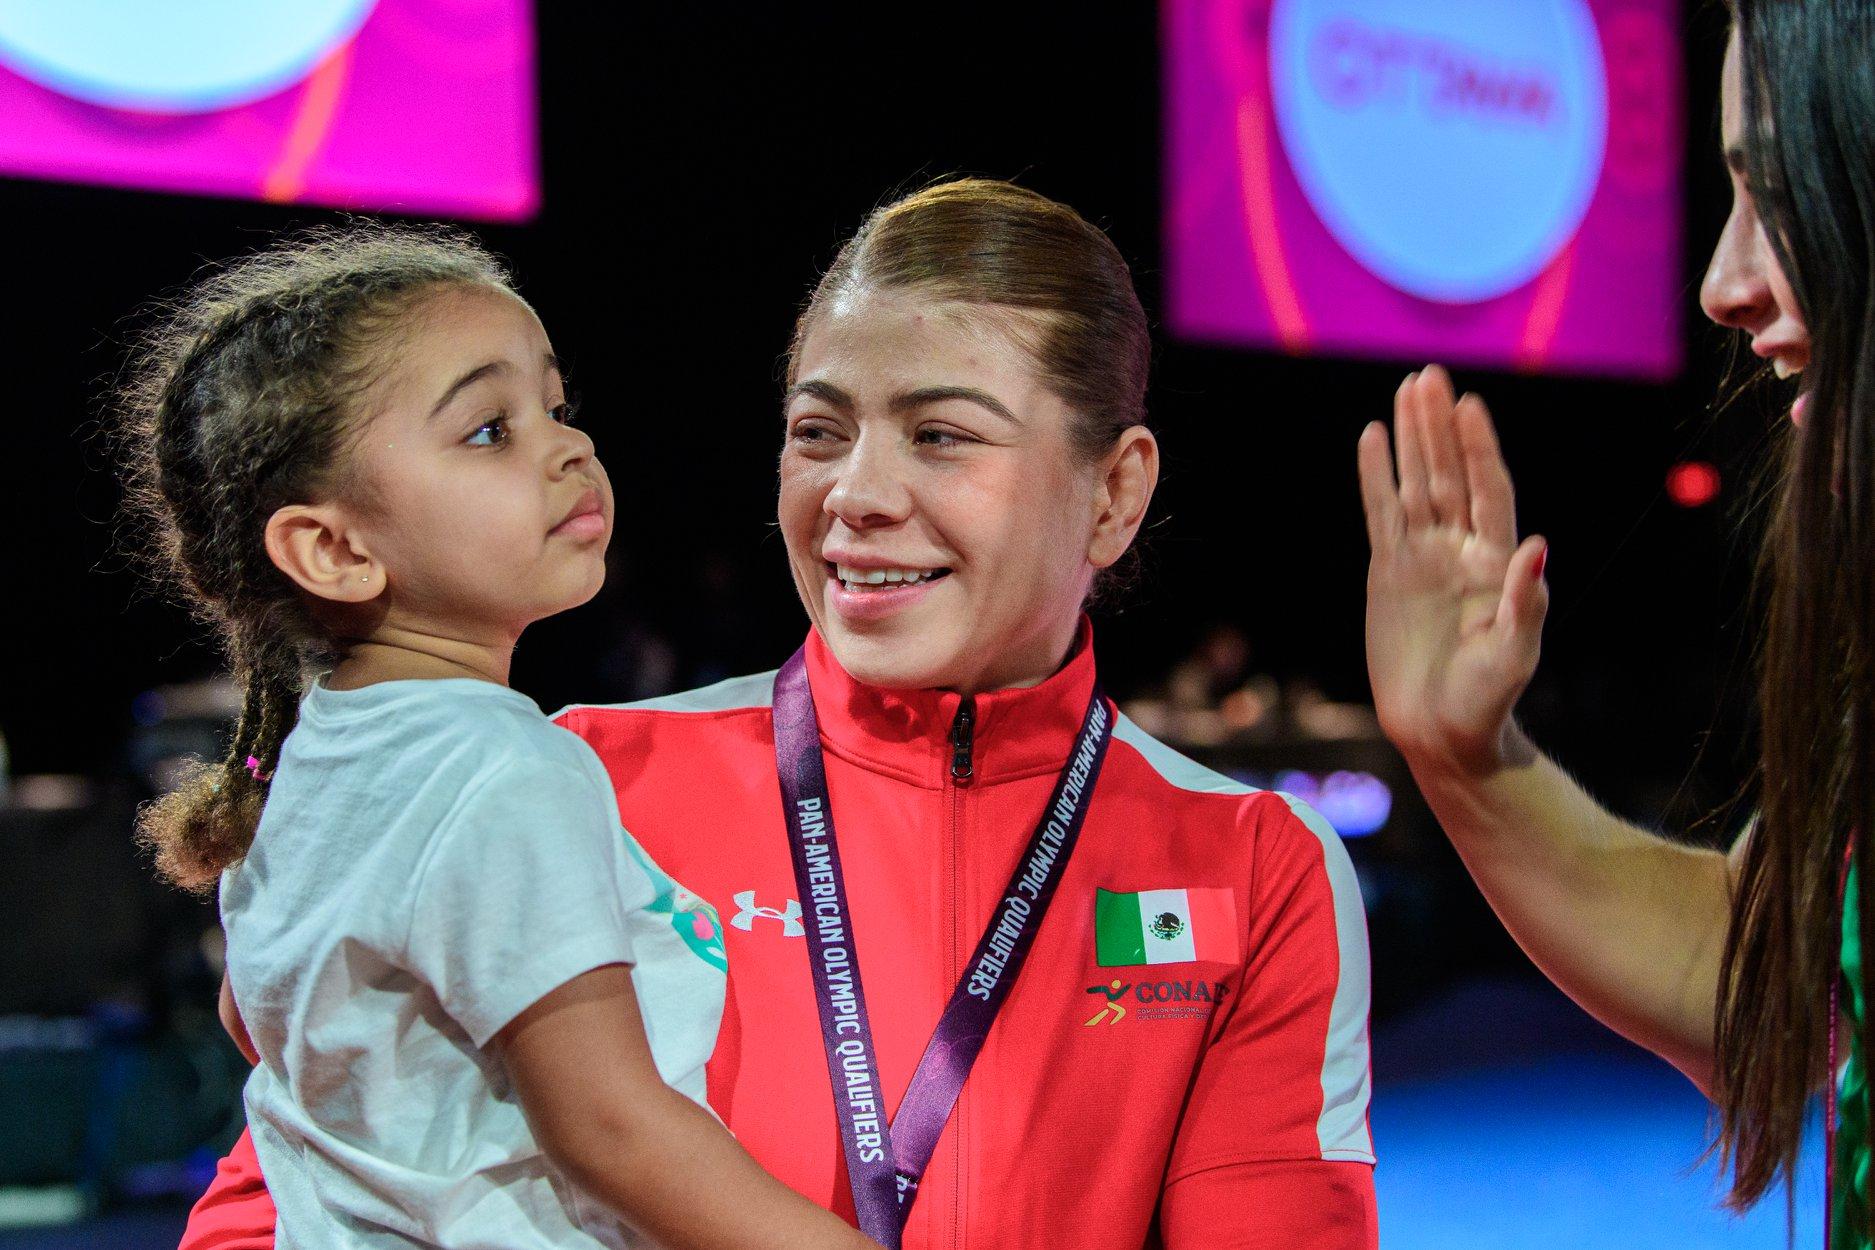 La gran hazaña de Jane Valencia en la lucha olímpica 5